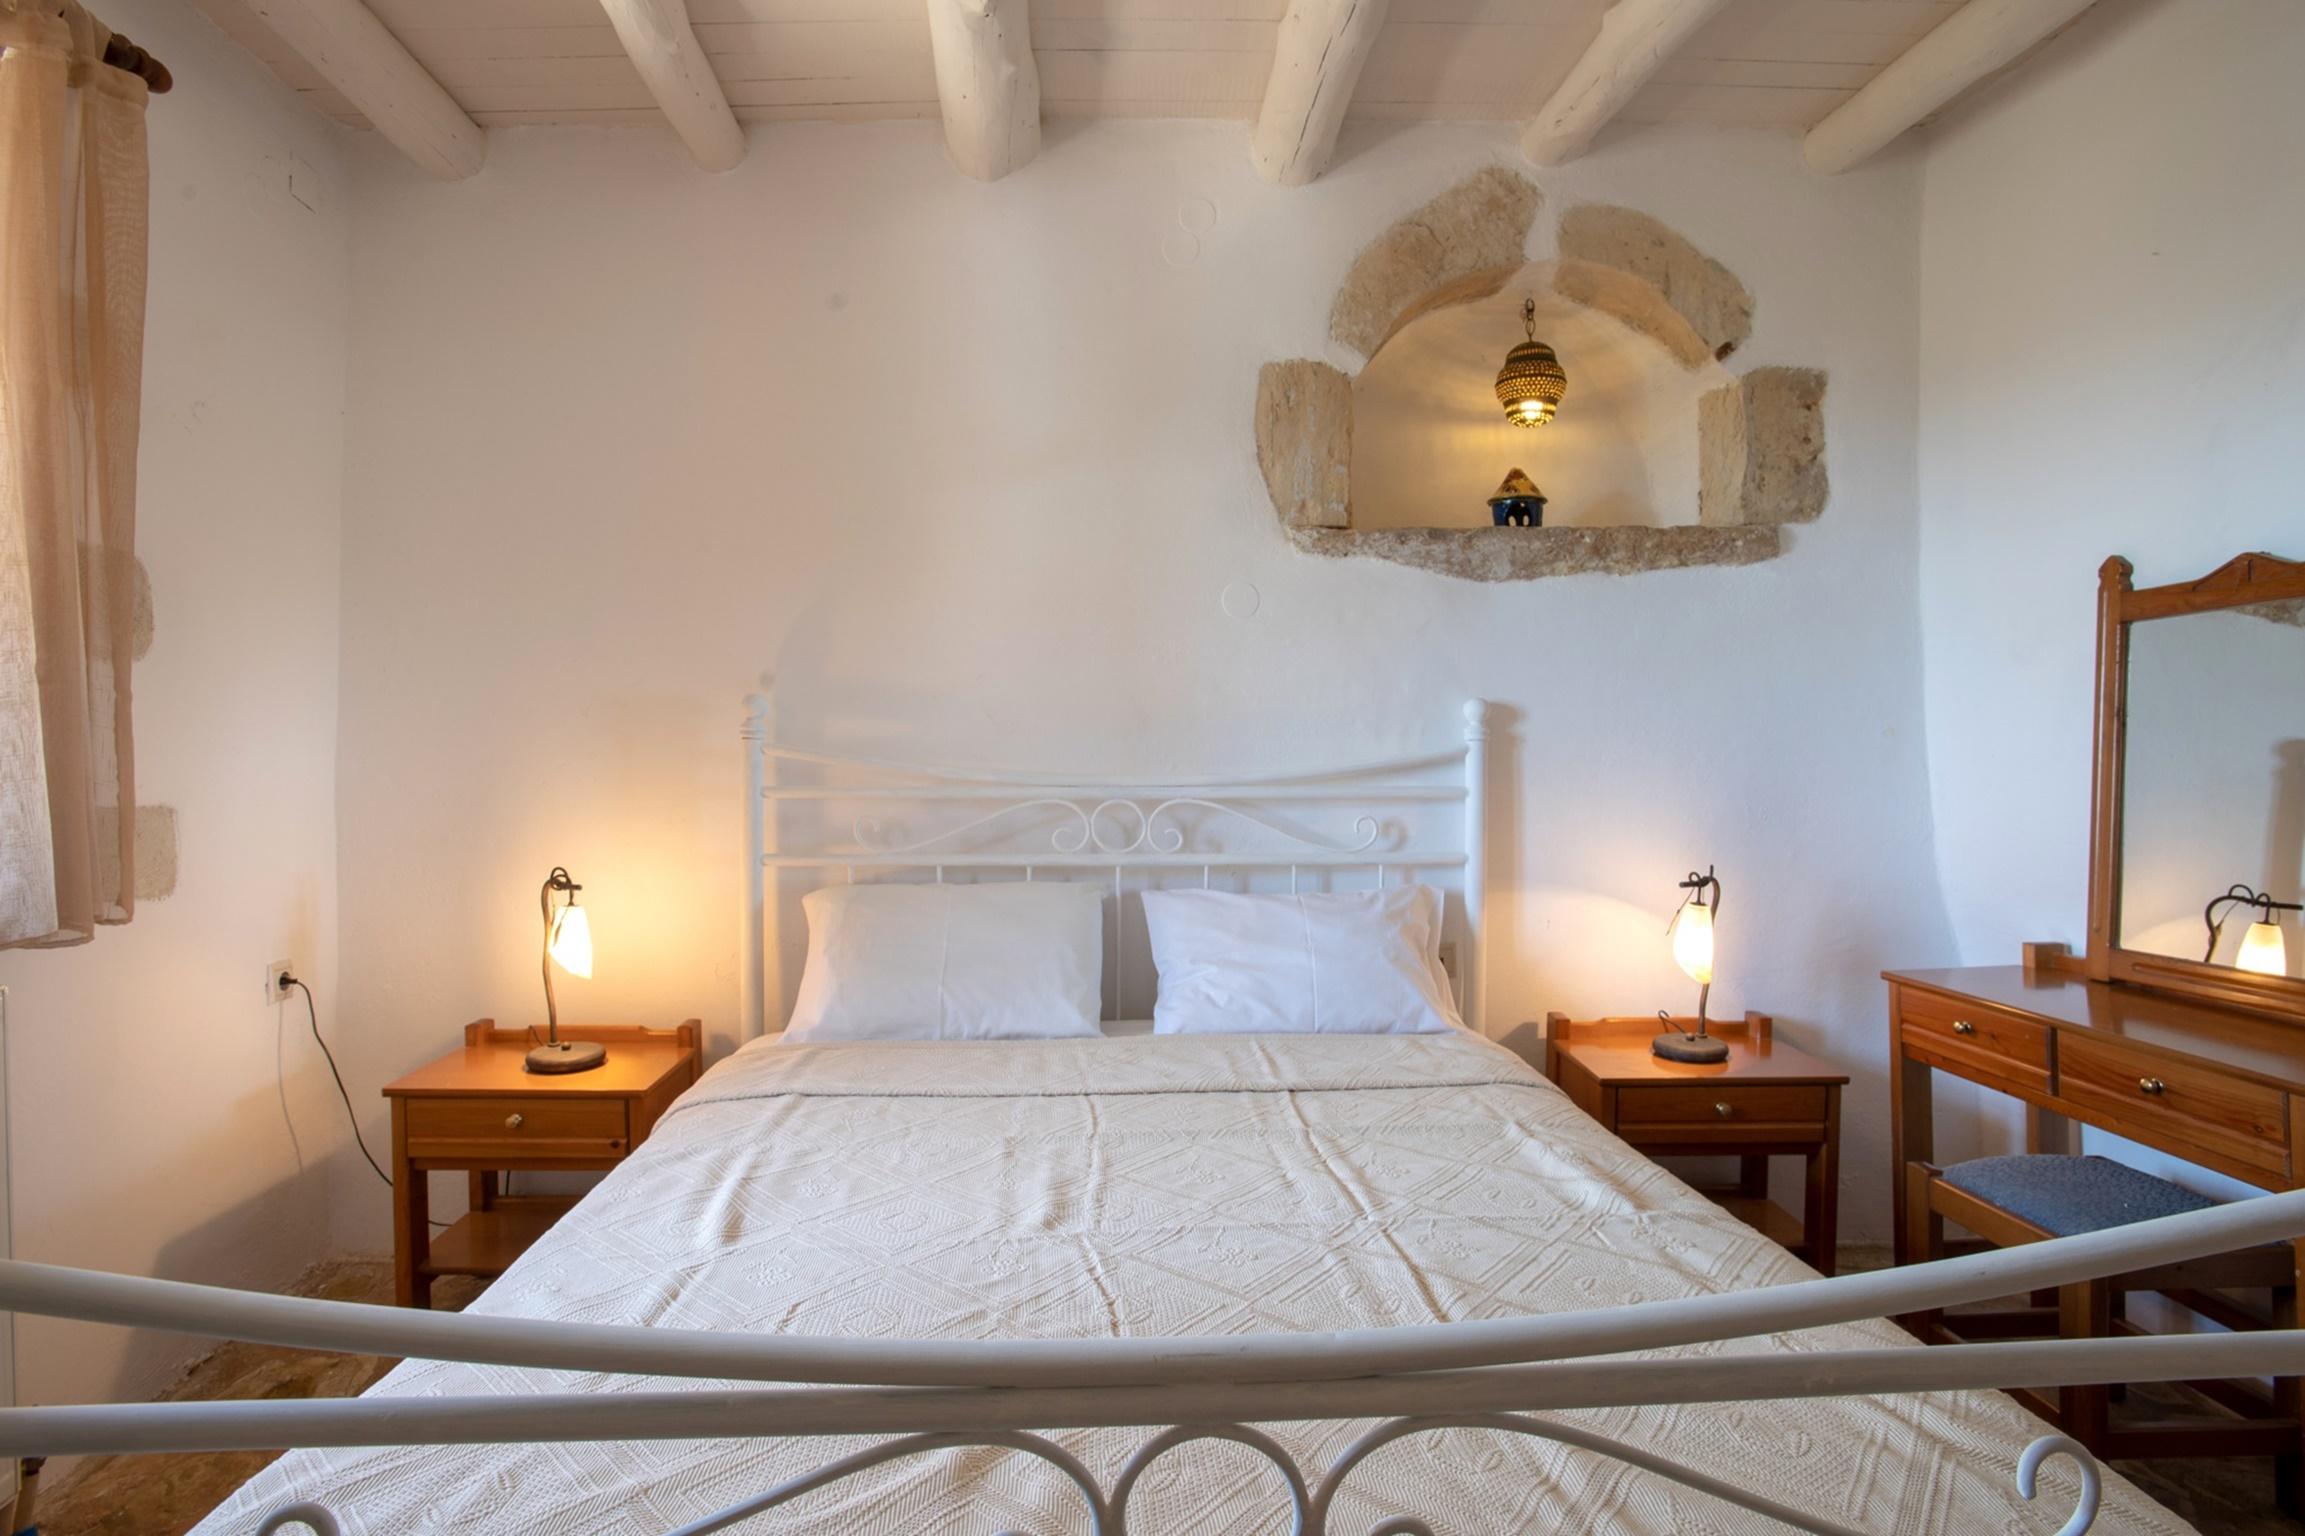 Ferienhaus Haus und Studio annektiert - Ideal groe Familien - kleines Dorf, nahe Strnde (2598996), Neon Khorion Kriti, Kreta Nordküste, Kreta, Griechenland, Bild 5